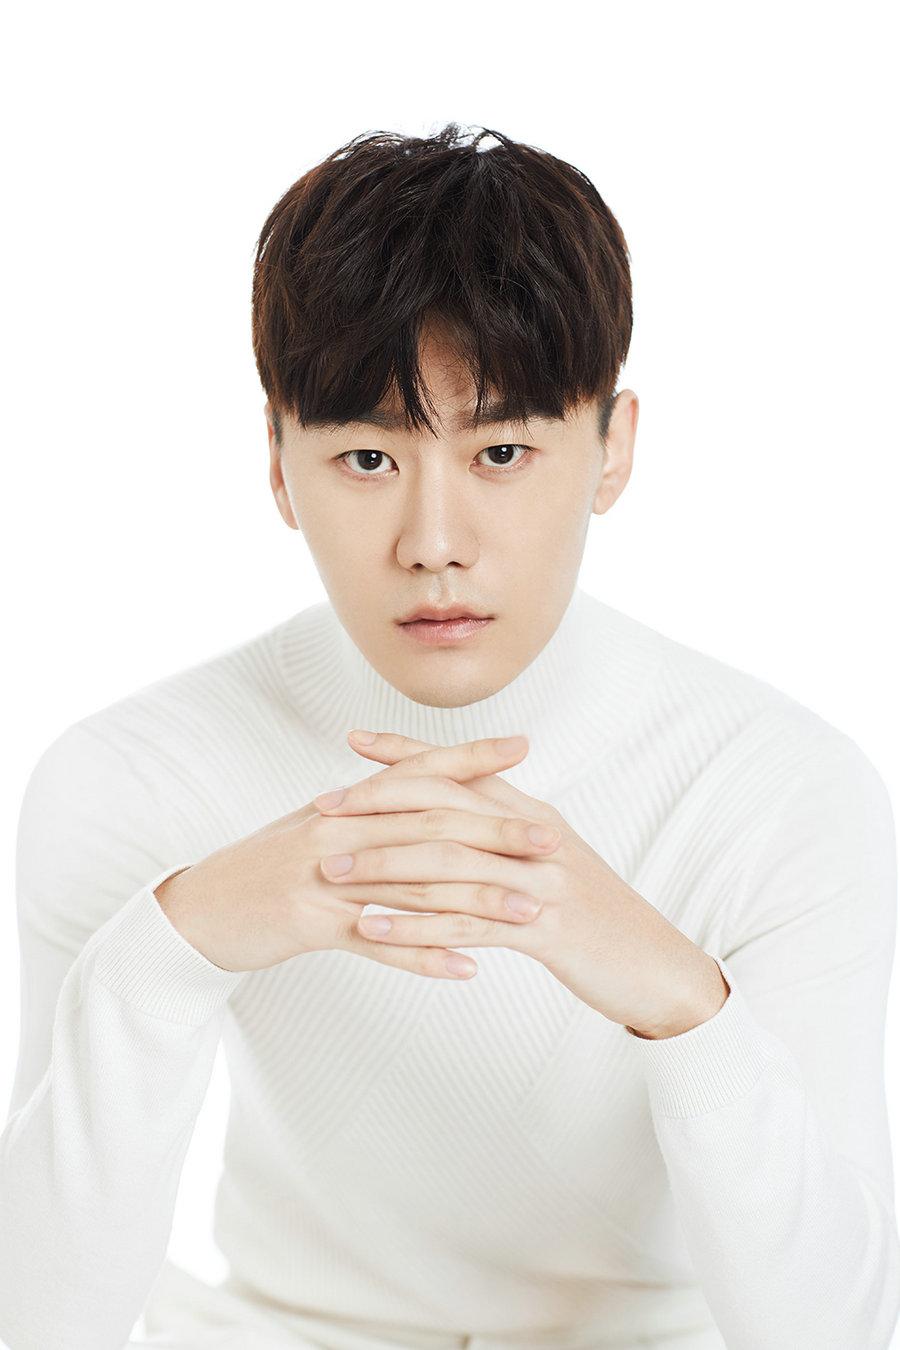 李柄辉最新时尚写真 白衣翩翩俊朗清爽